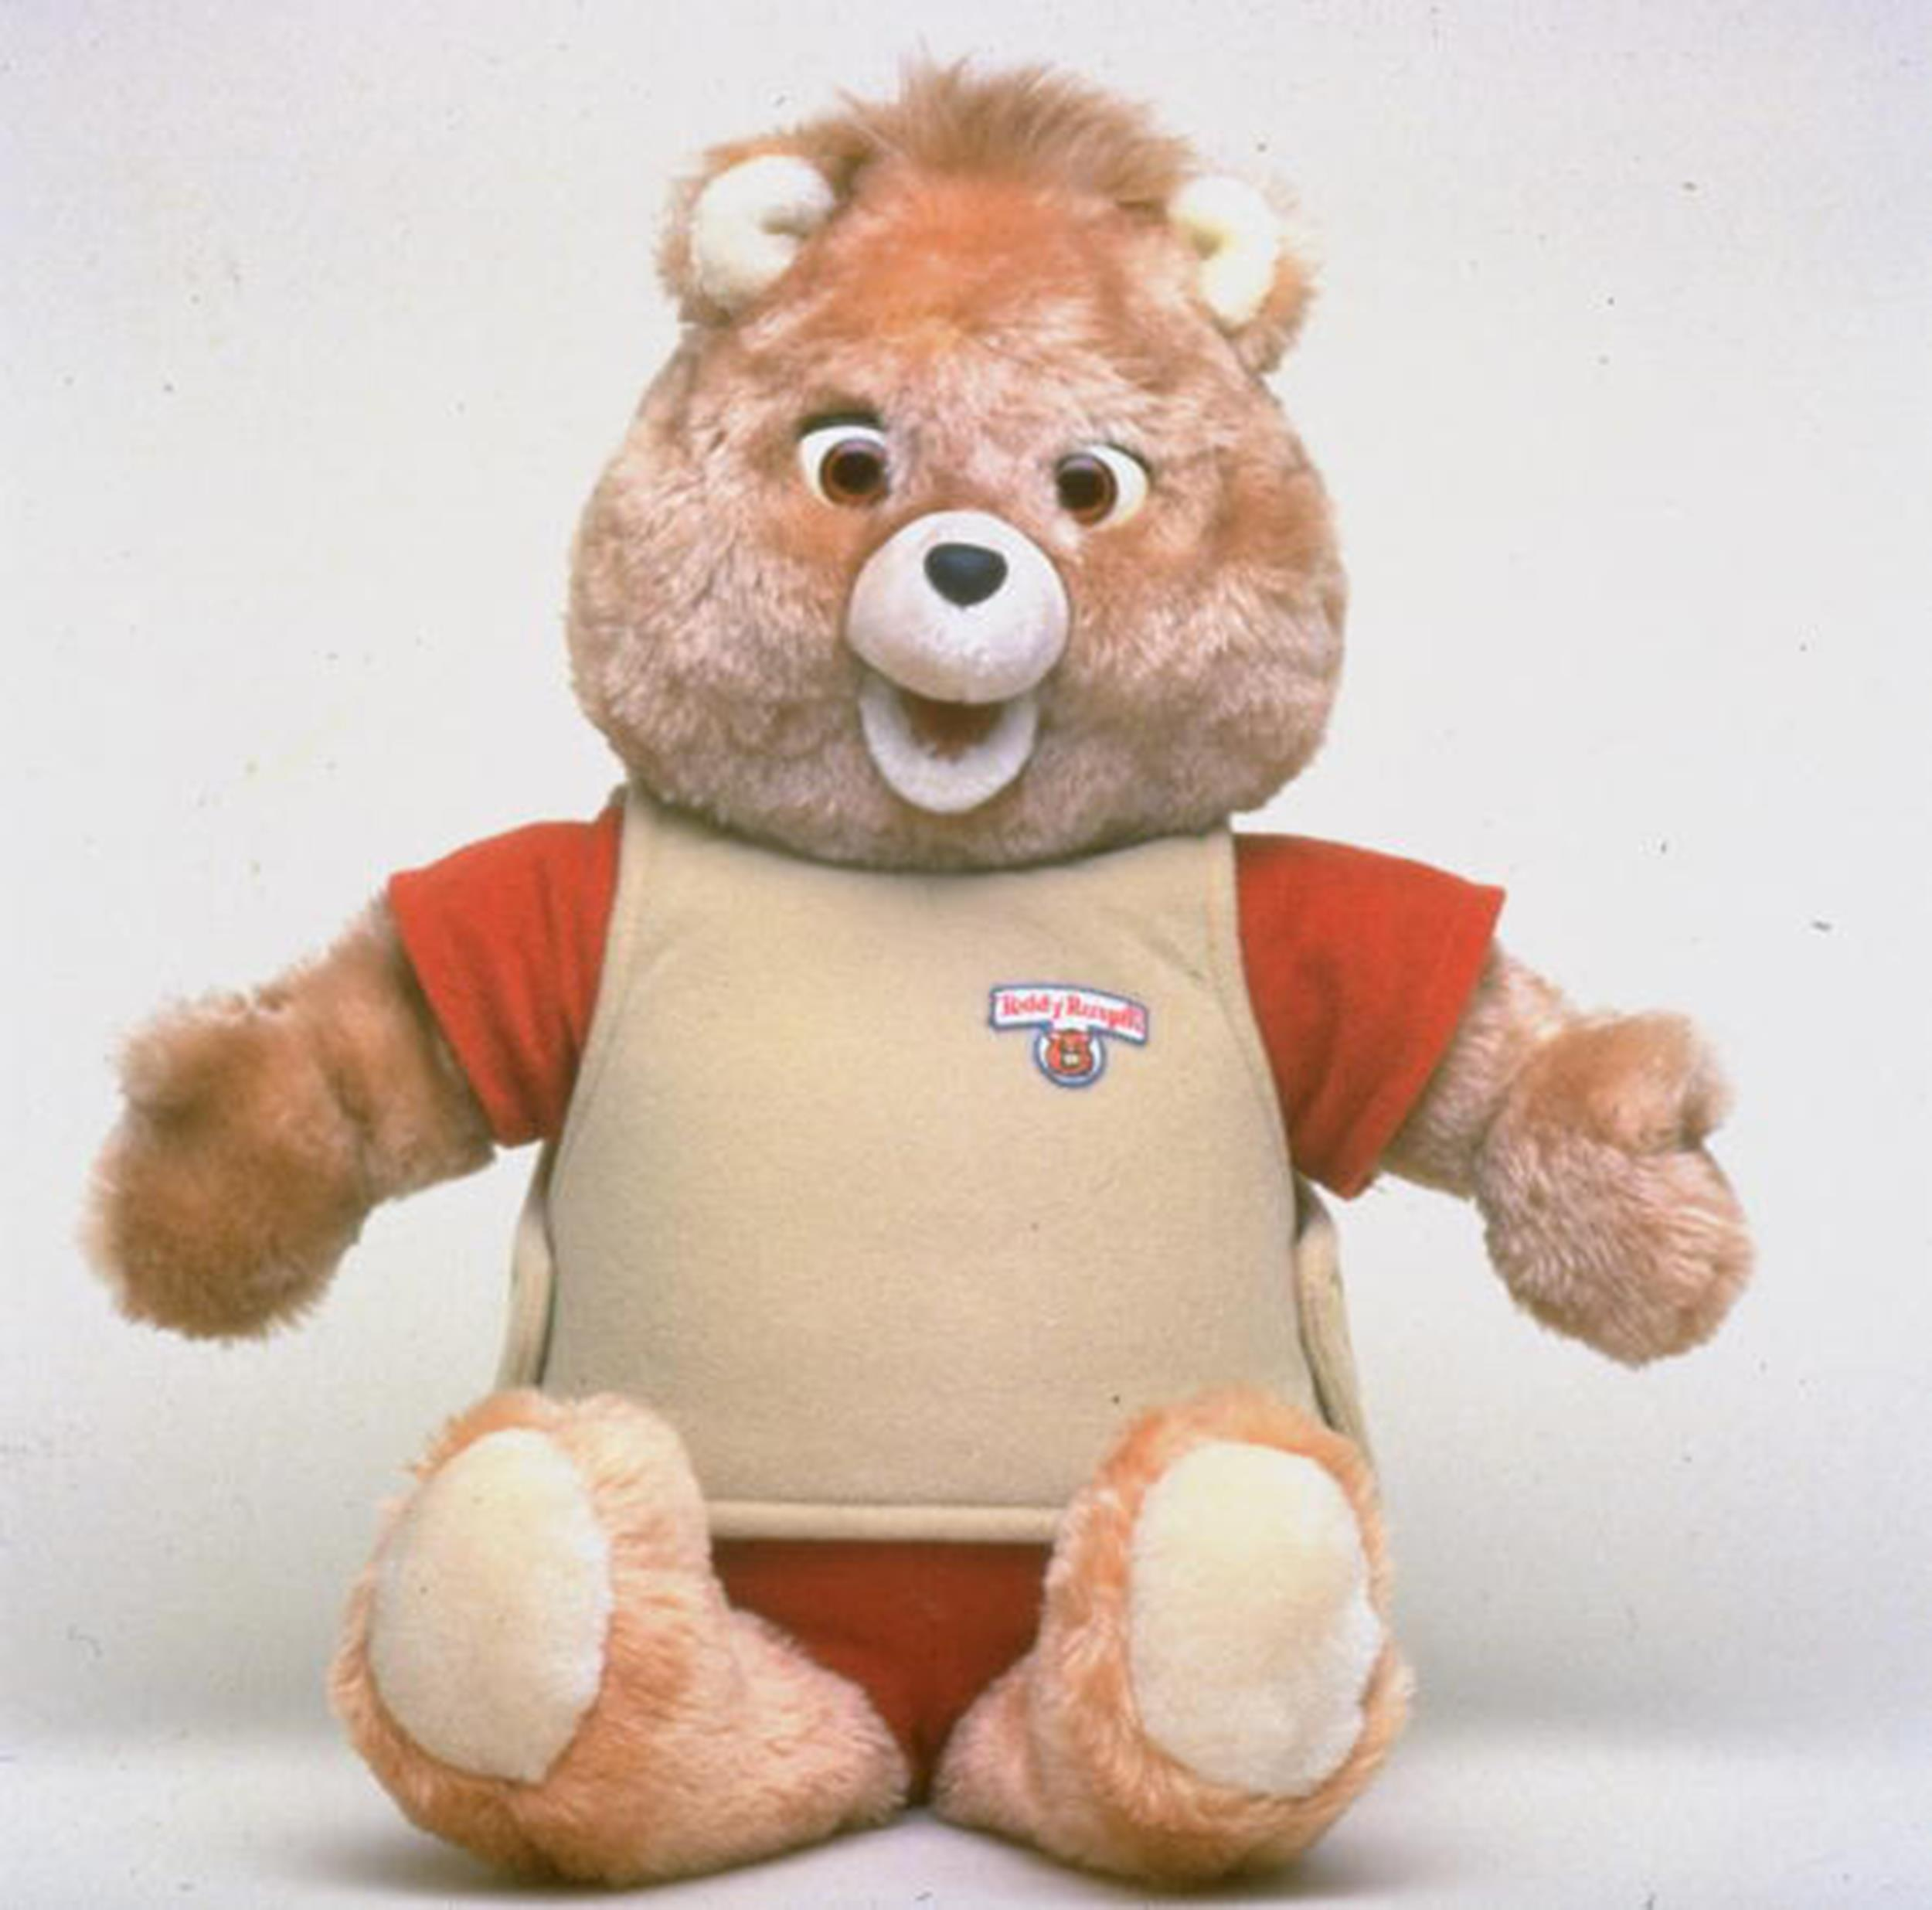 Image: Teddy Ruxpin bear